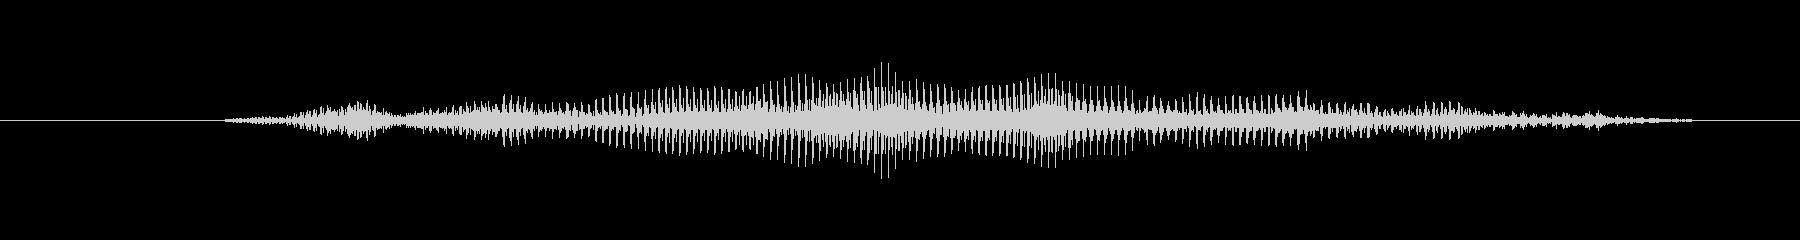 ヤギ バアマレ07の未再生の波形